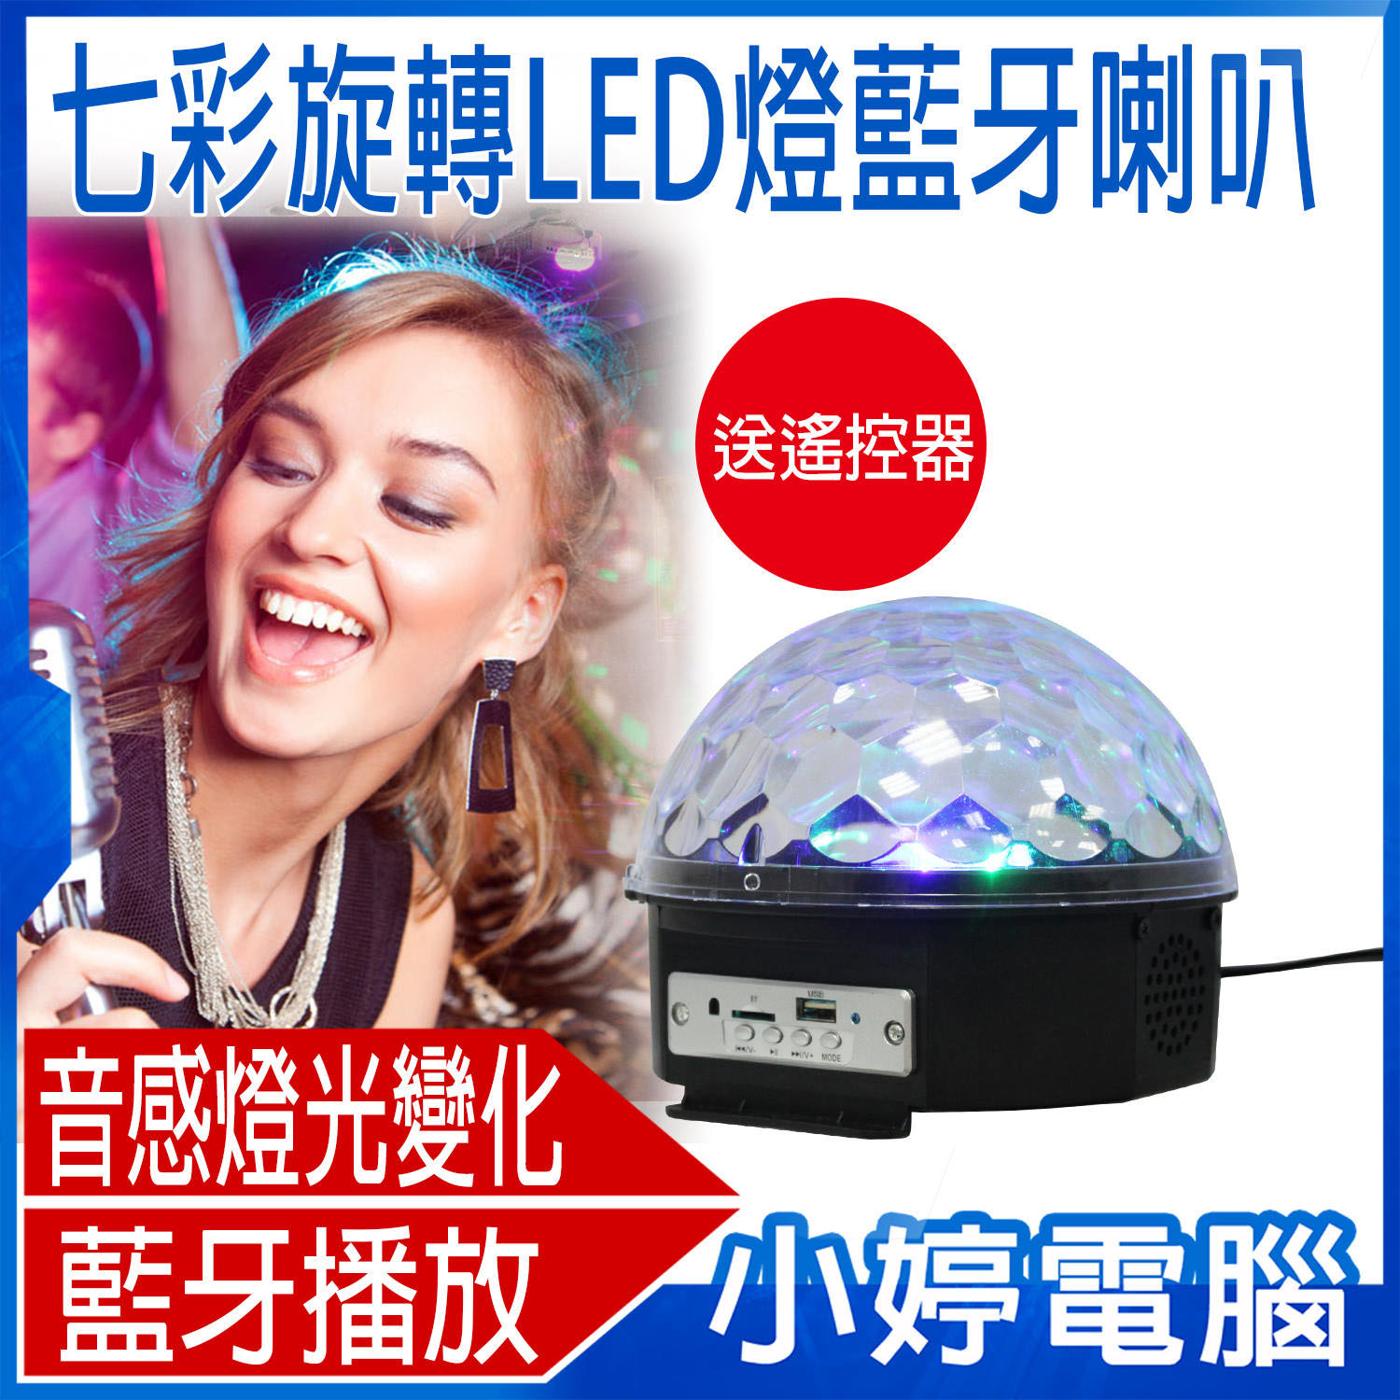 24期零利率全新七彩旋轉LED燈藍牙喇叭音樂感應變化藍牙播放音樂對應TF卡雙喇叭重低音